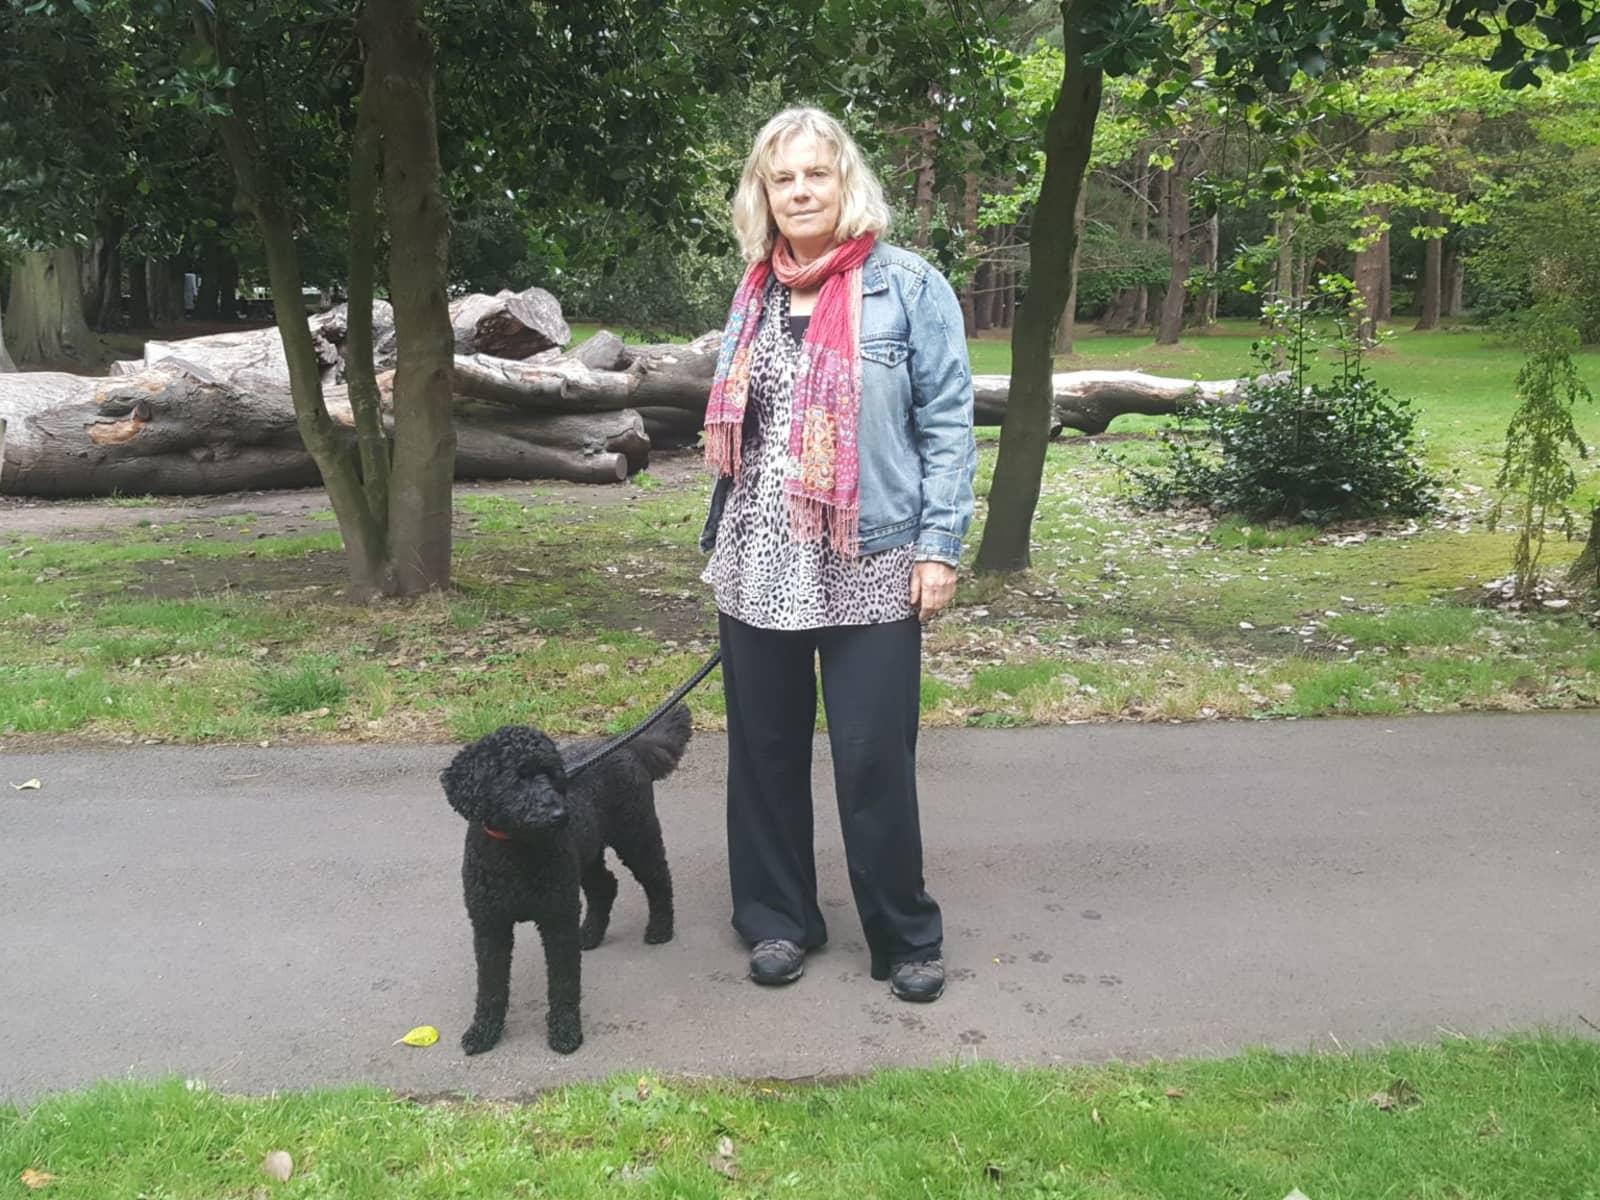 Krista from Liverpool, United Kingdom